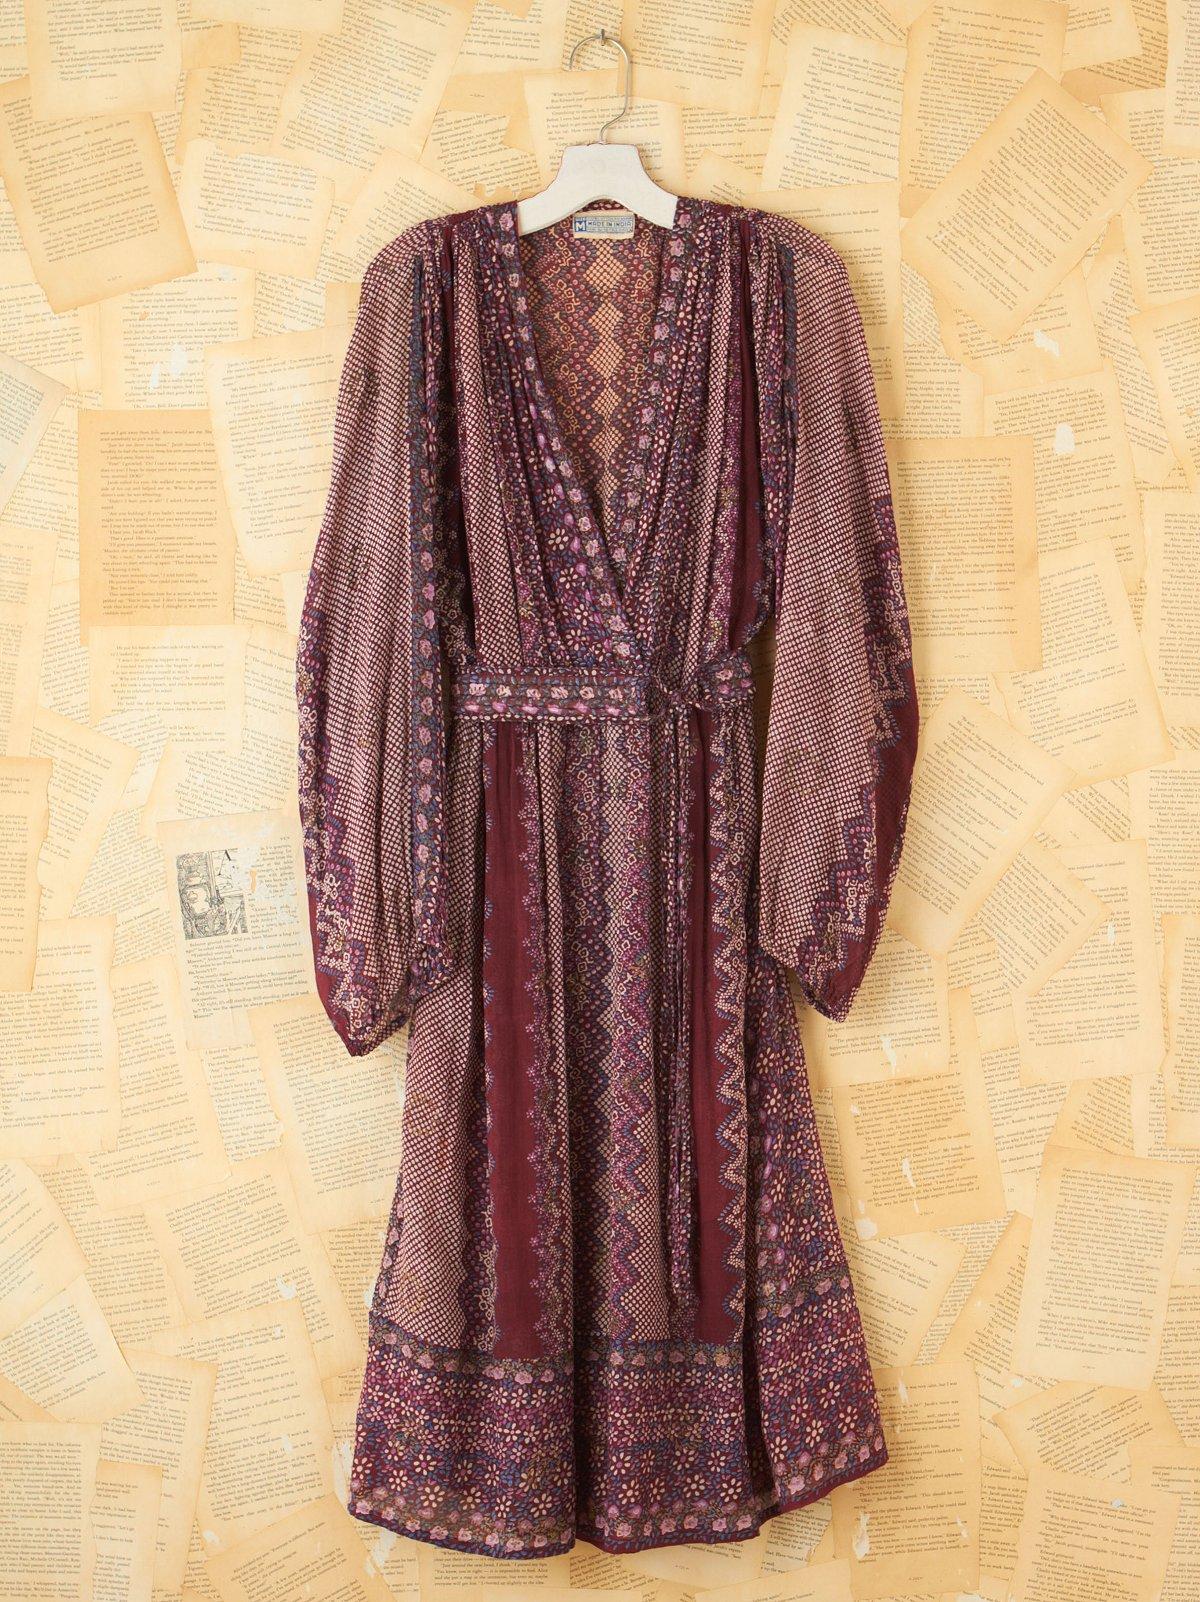 Vintage Floral and Dot Motif Dress